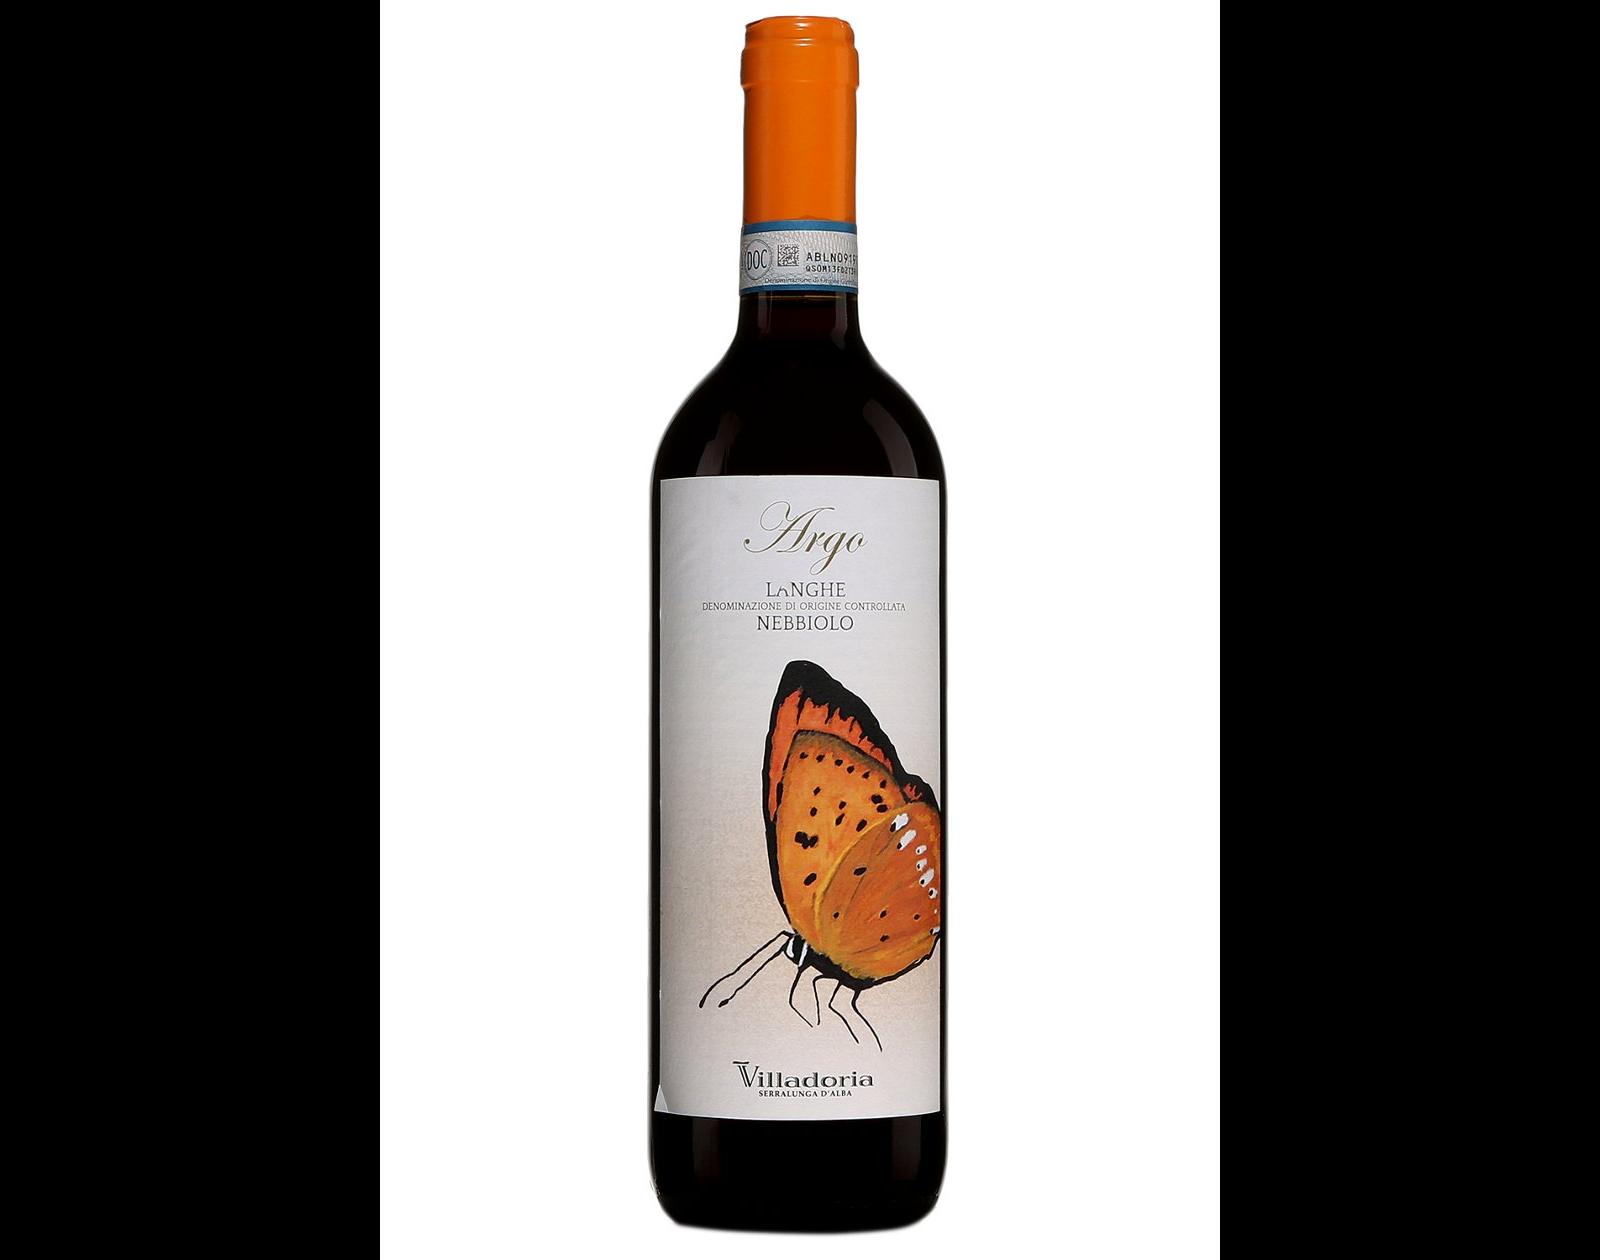 bouteille de vin rouge Villadoria Argo Langhe Nebbiolo 2017